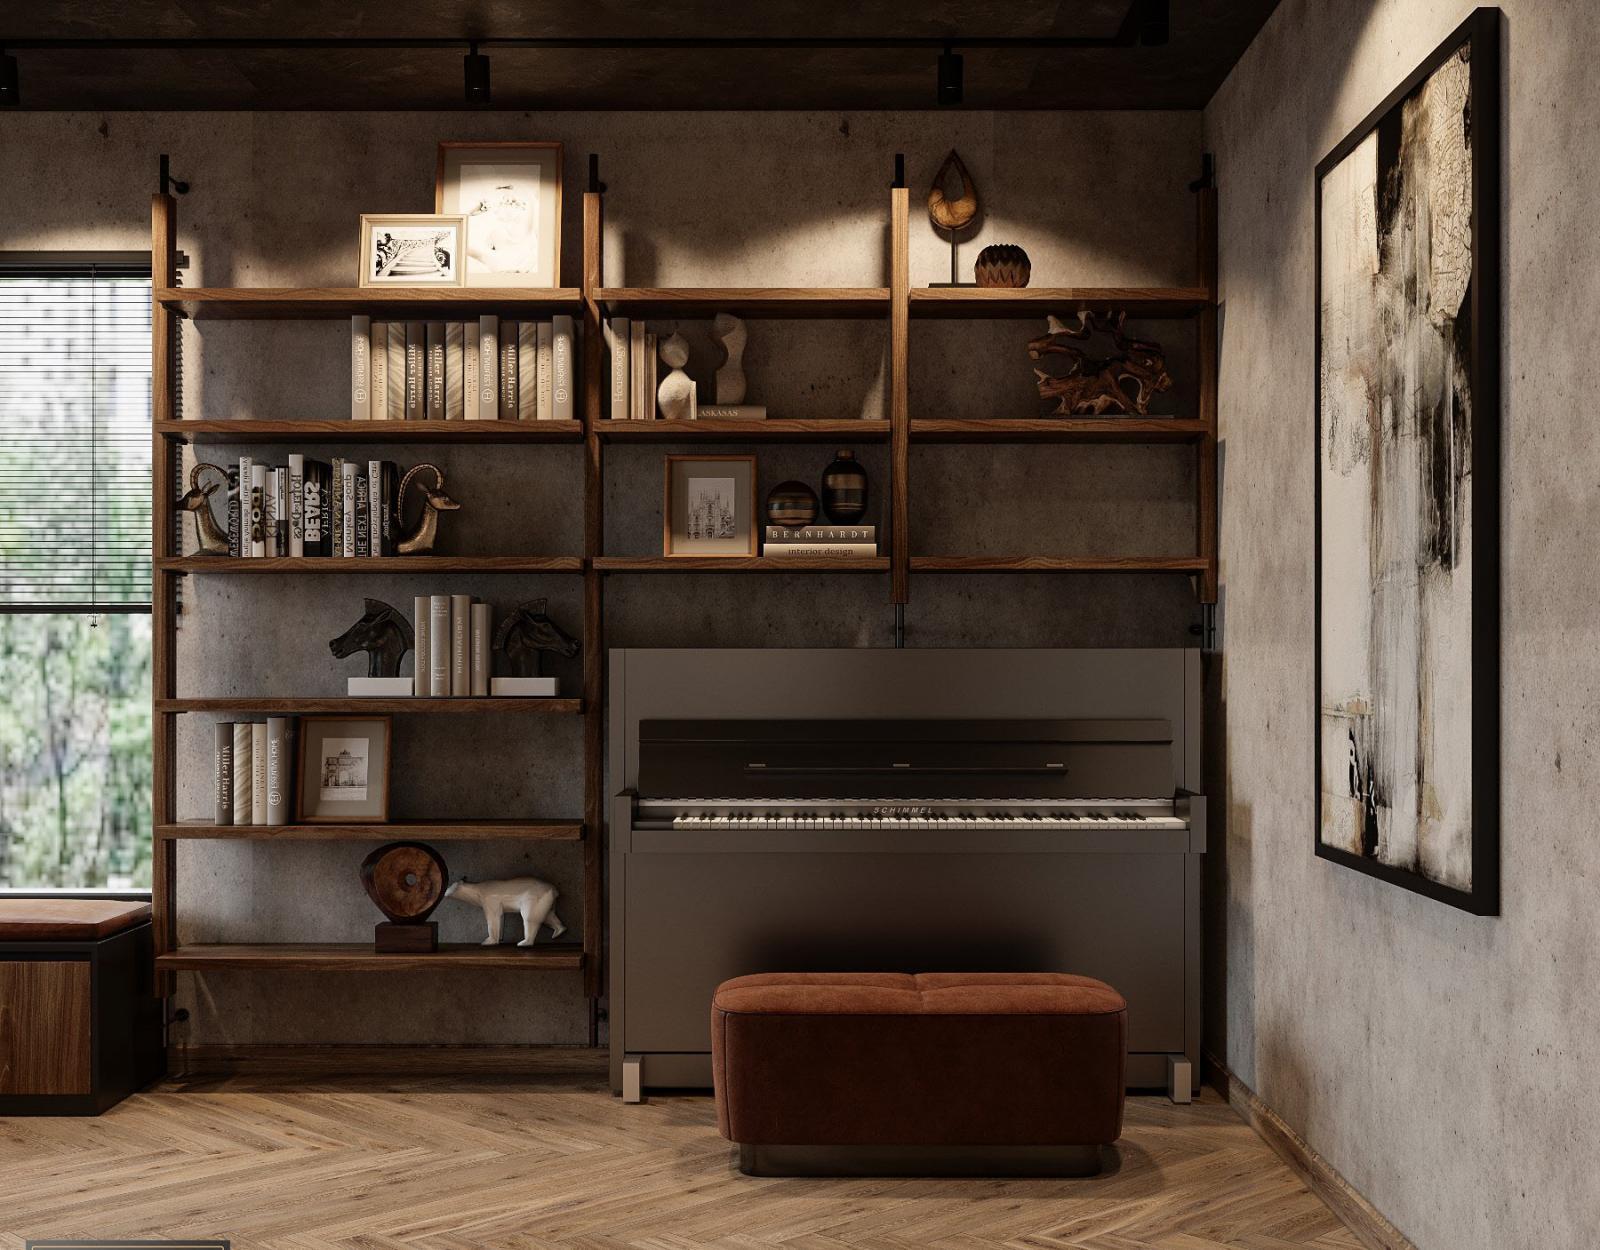 Kiến trúc sư khéo léo tích hợp không gian làm việc, thư giãn và giải trí trong một mặt sàn mà vẫn đảm bảo sự phân tách tương đối giữa các khu vực chức năng.